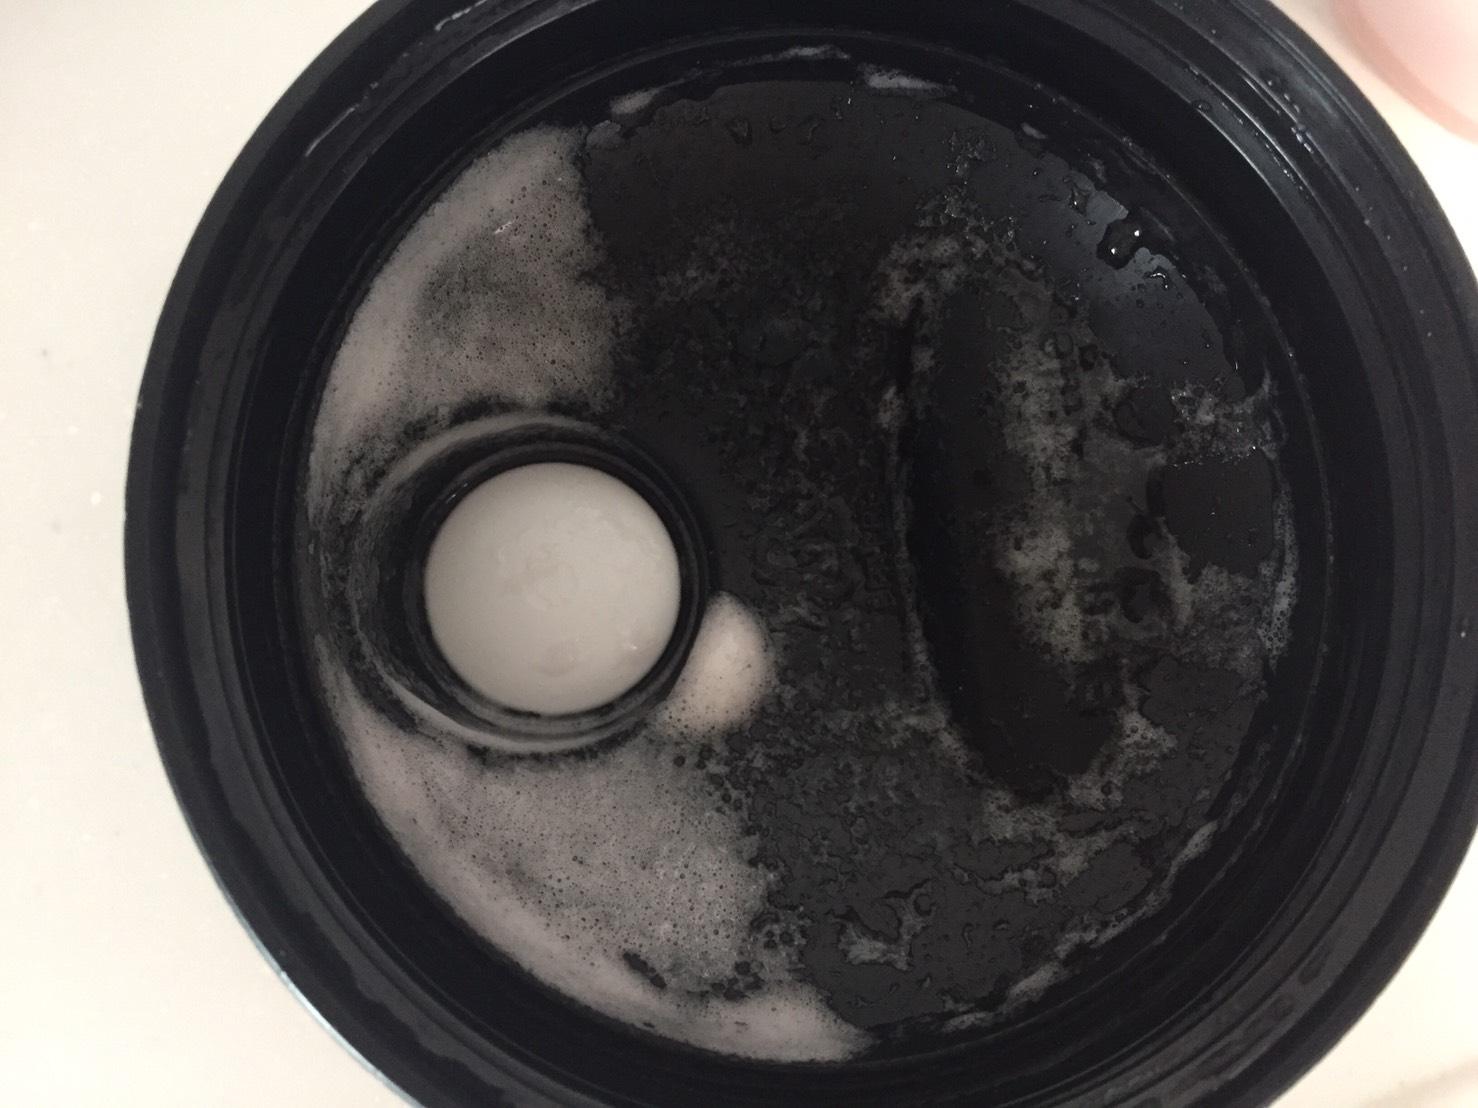 【WPI】IMPACT 分離ホエイプロテイン (アイソレート)「STRAWBERRY CREAM FLAVOUR(ストロベリークリーム味)」を飲み終えた様子。蓋側